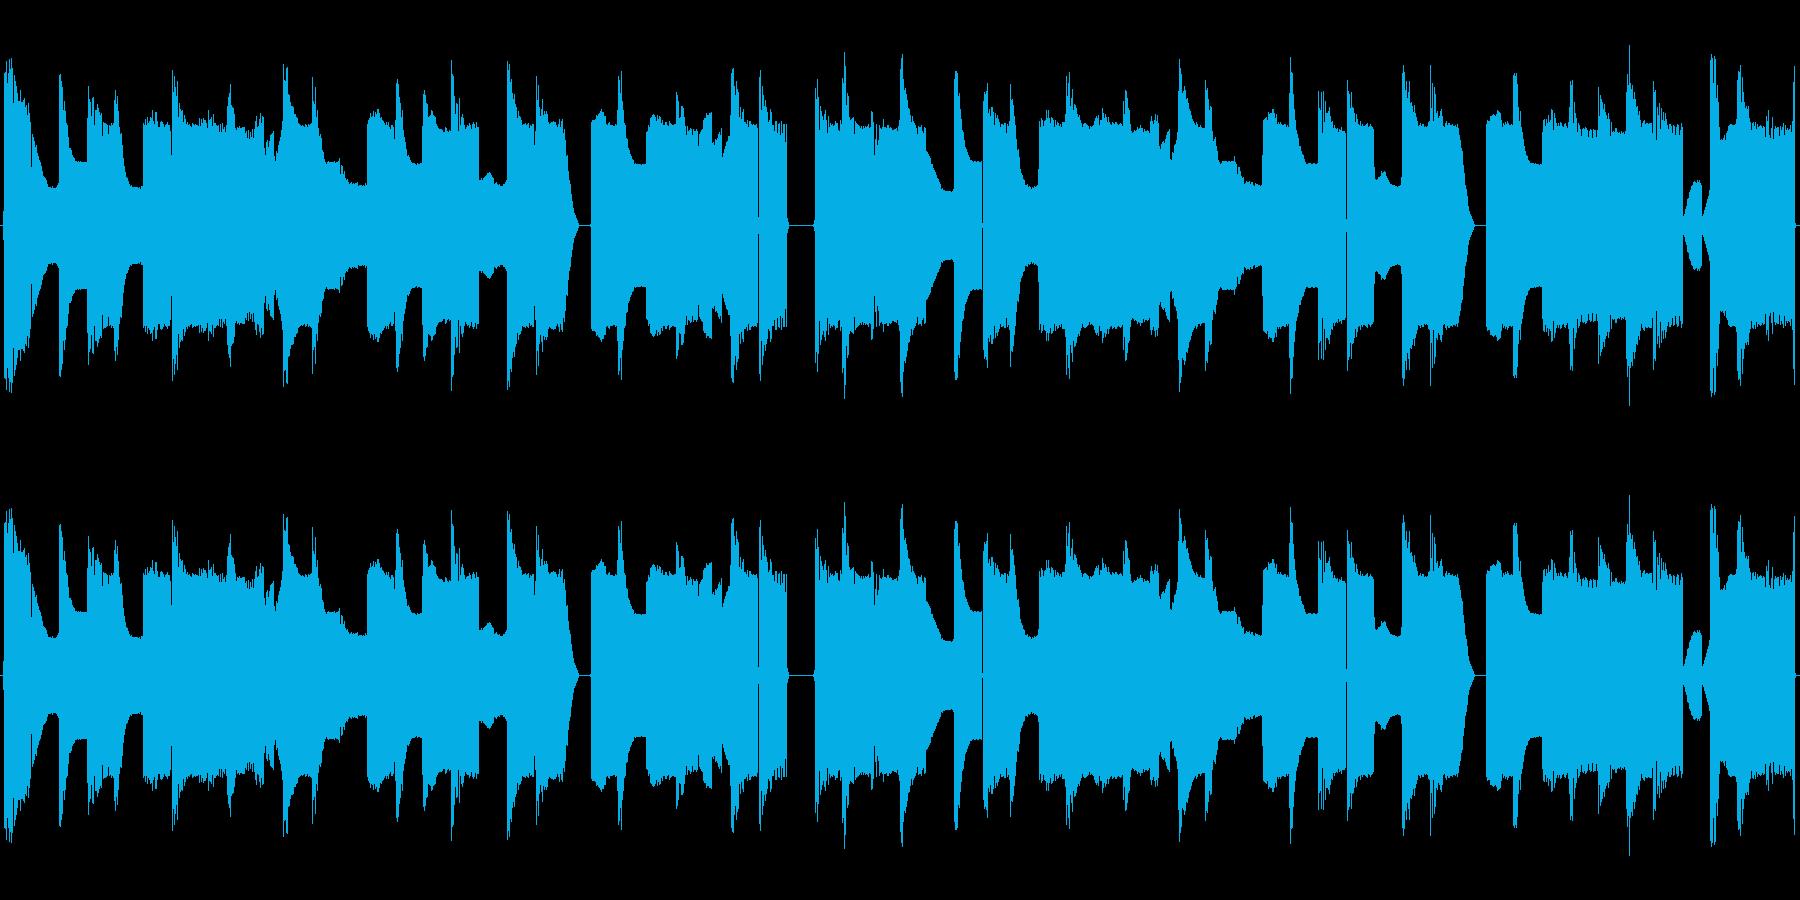 チップチューンの短いループ4の再生済みの波形